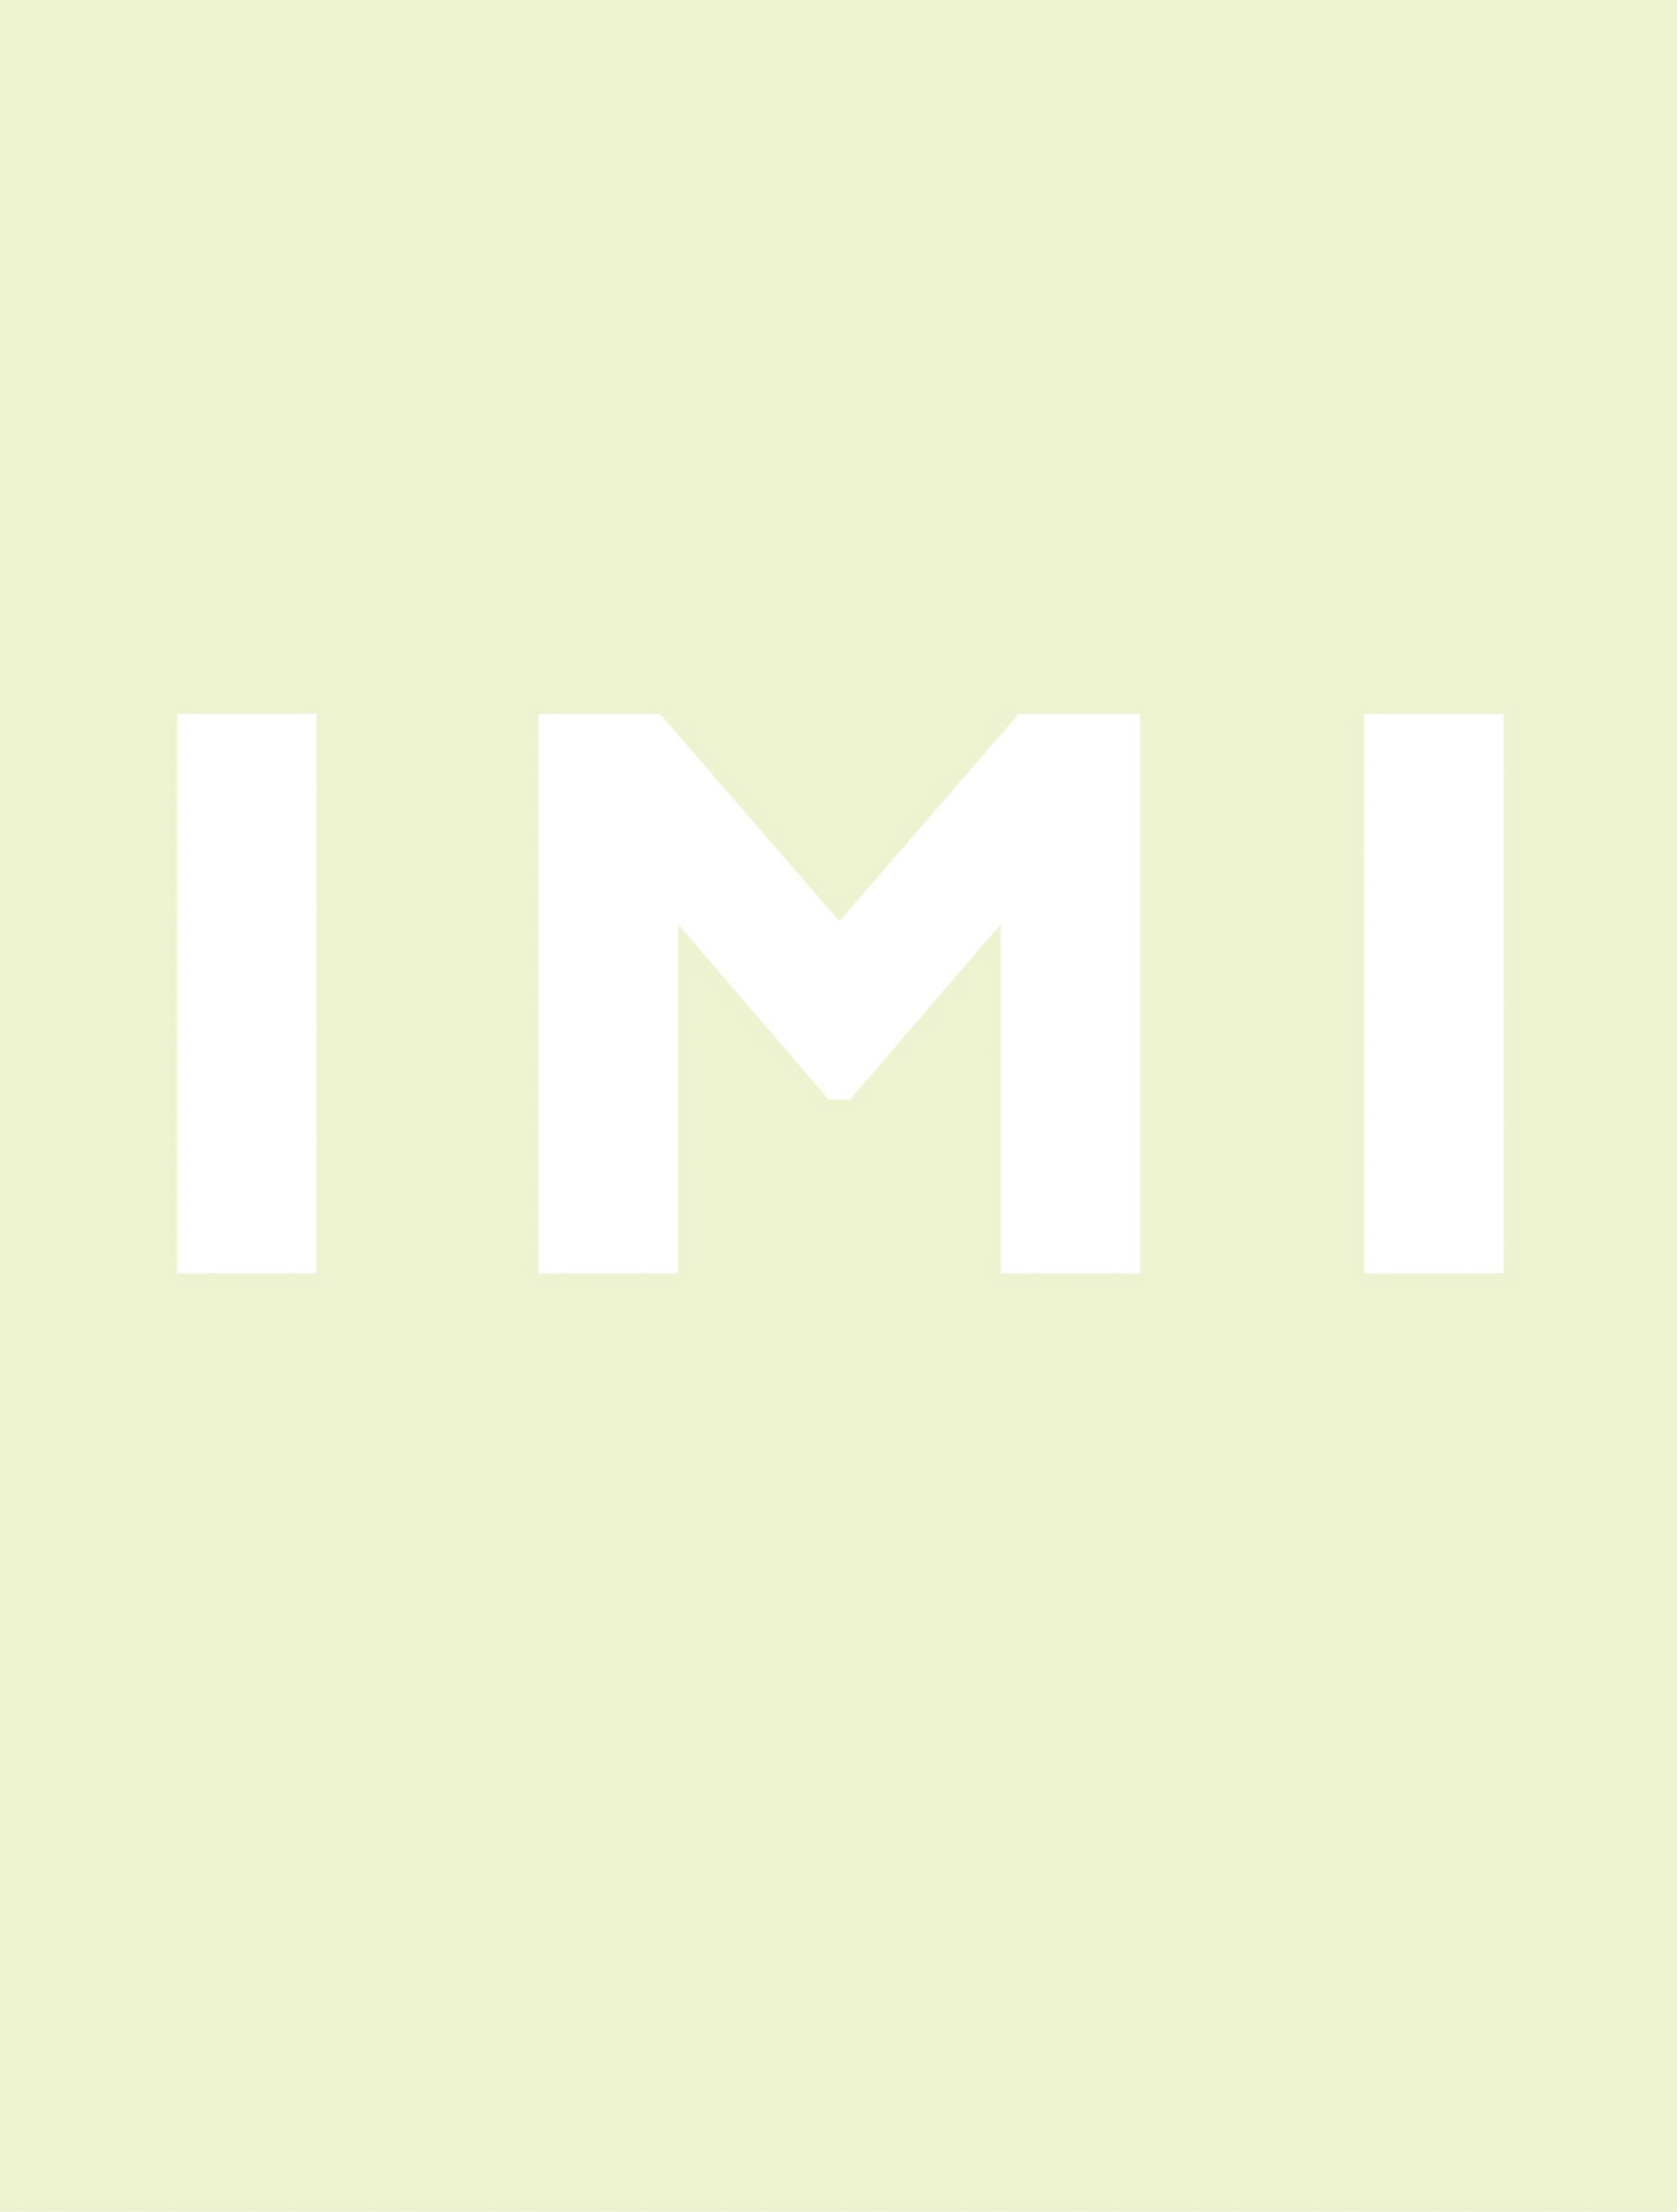 Book no. 3: IMI KNOEBEL, Guten Morgen, Weisses Kätzchen